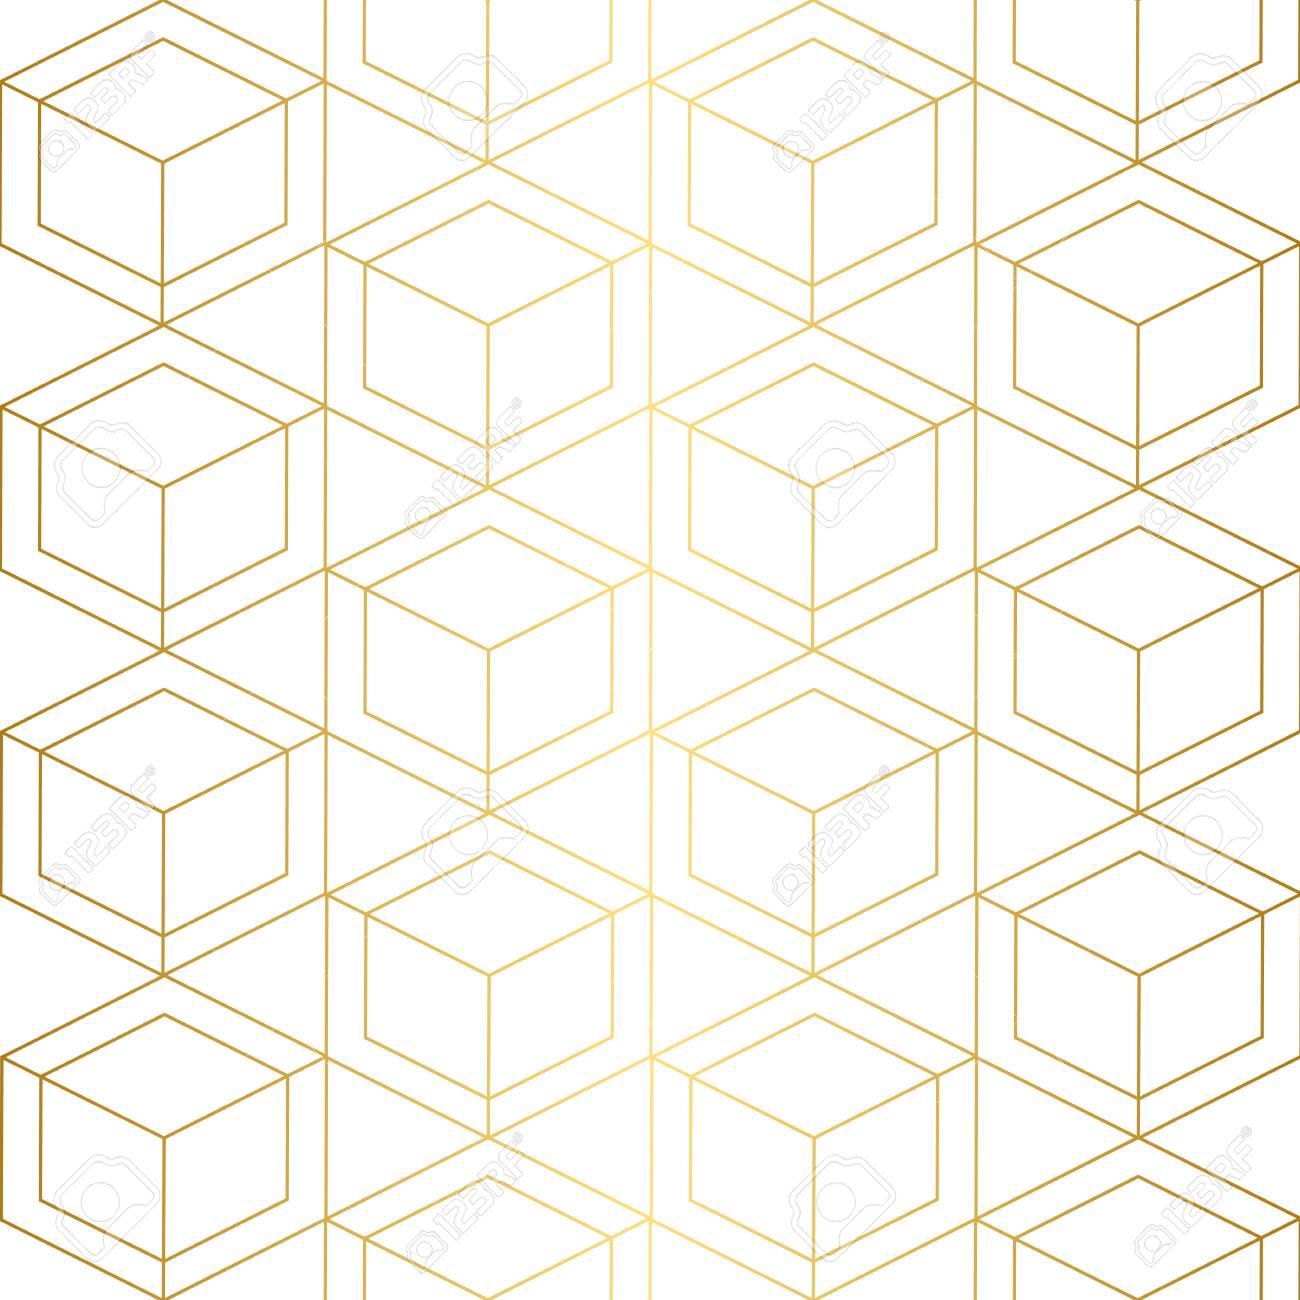 Textura Dorada Patrones Geométricos Sin Fisuras. Fondo Dorado Patrón ...